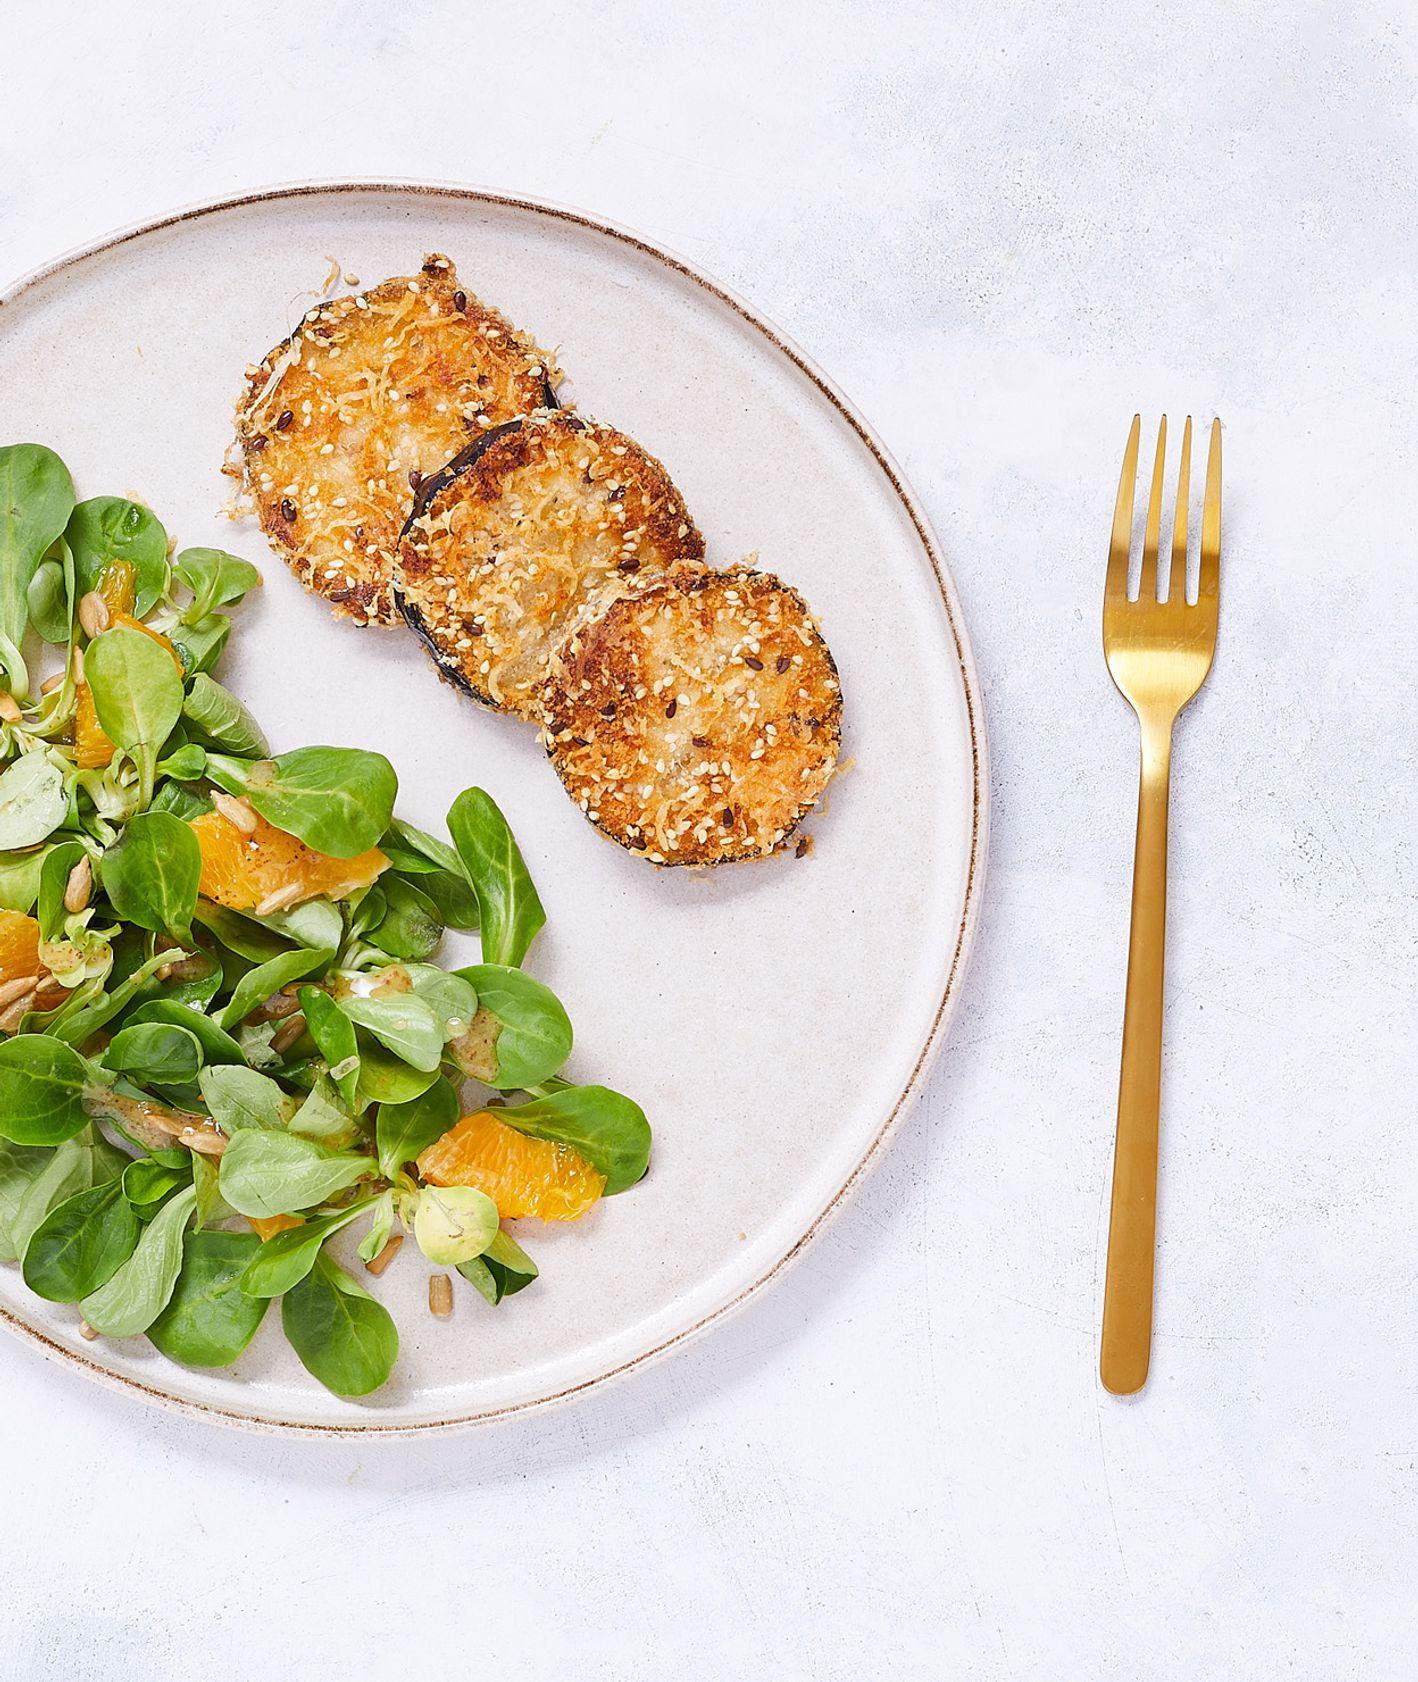 Smażone chipsy z bakłażana z parmezanem i sezamem podane z sałatką z pomarańczą i ziarnami słonecznika (fot. Maciek Niemojewski)